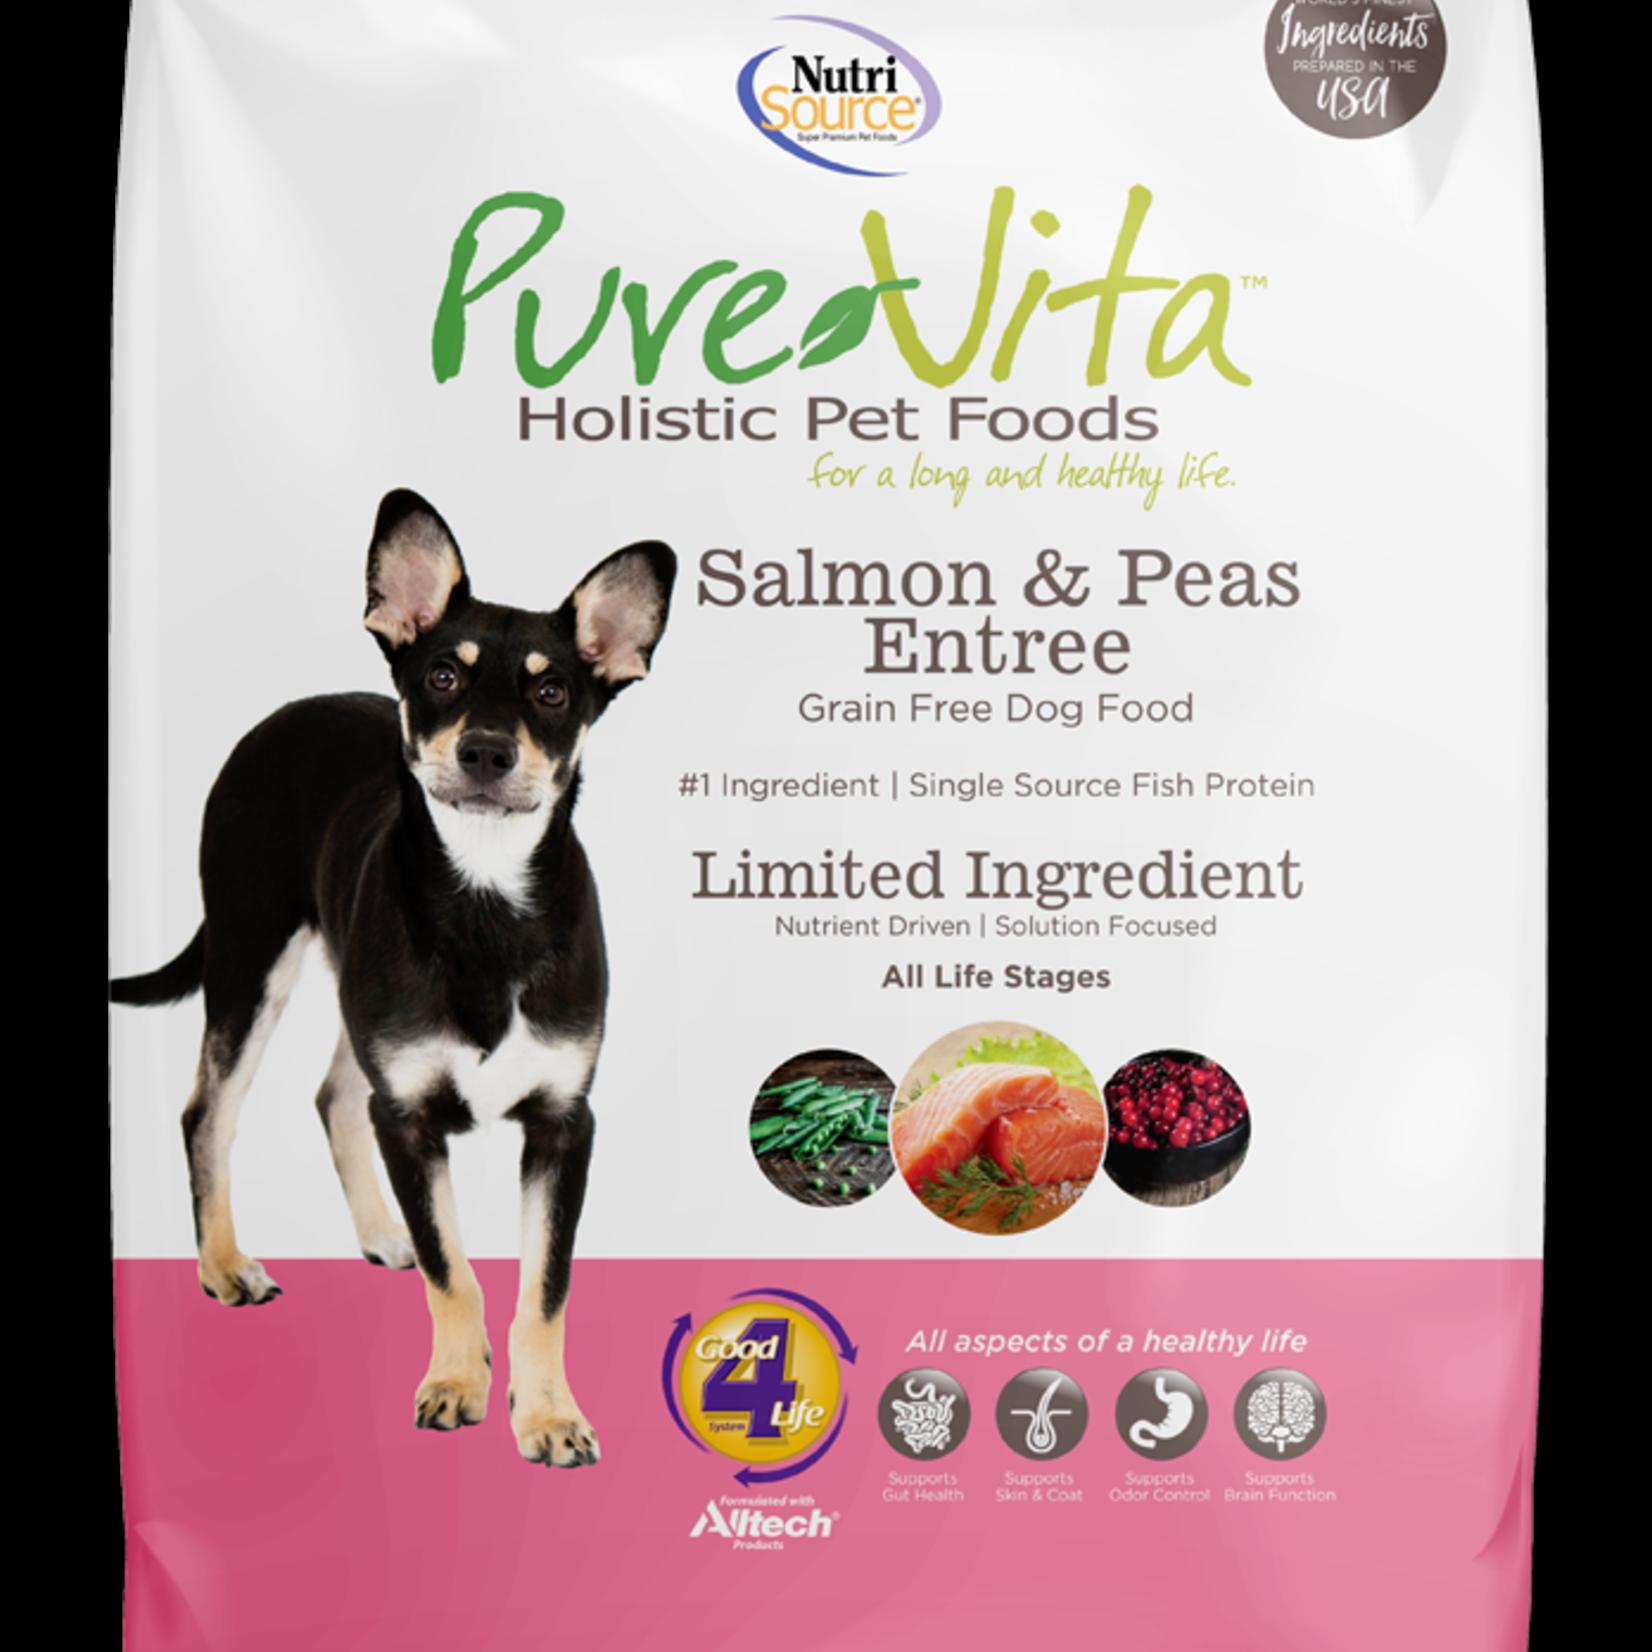 PureVita Pure Vita Dog GF Salmon & Peas 5#